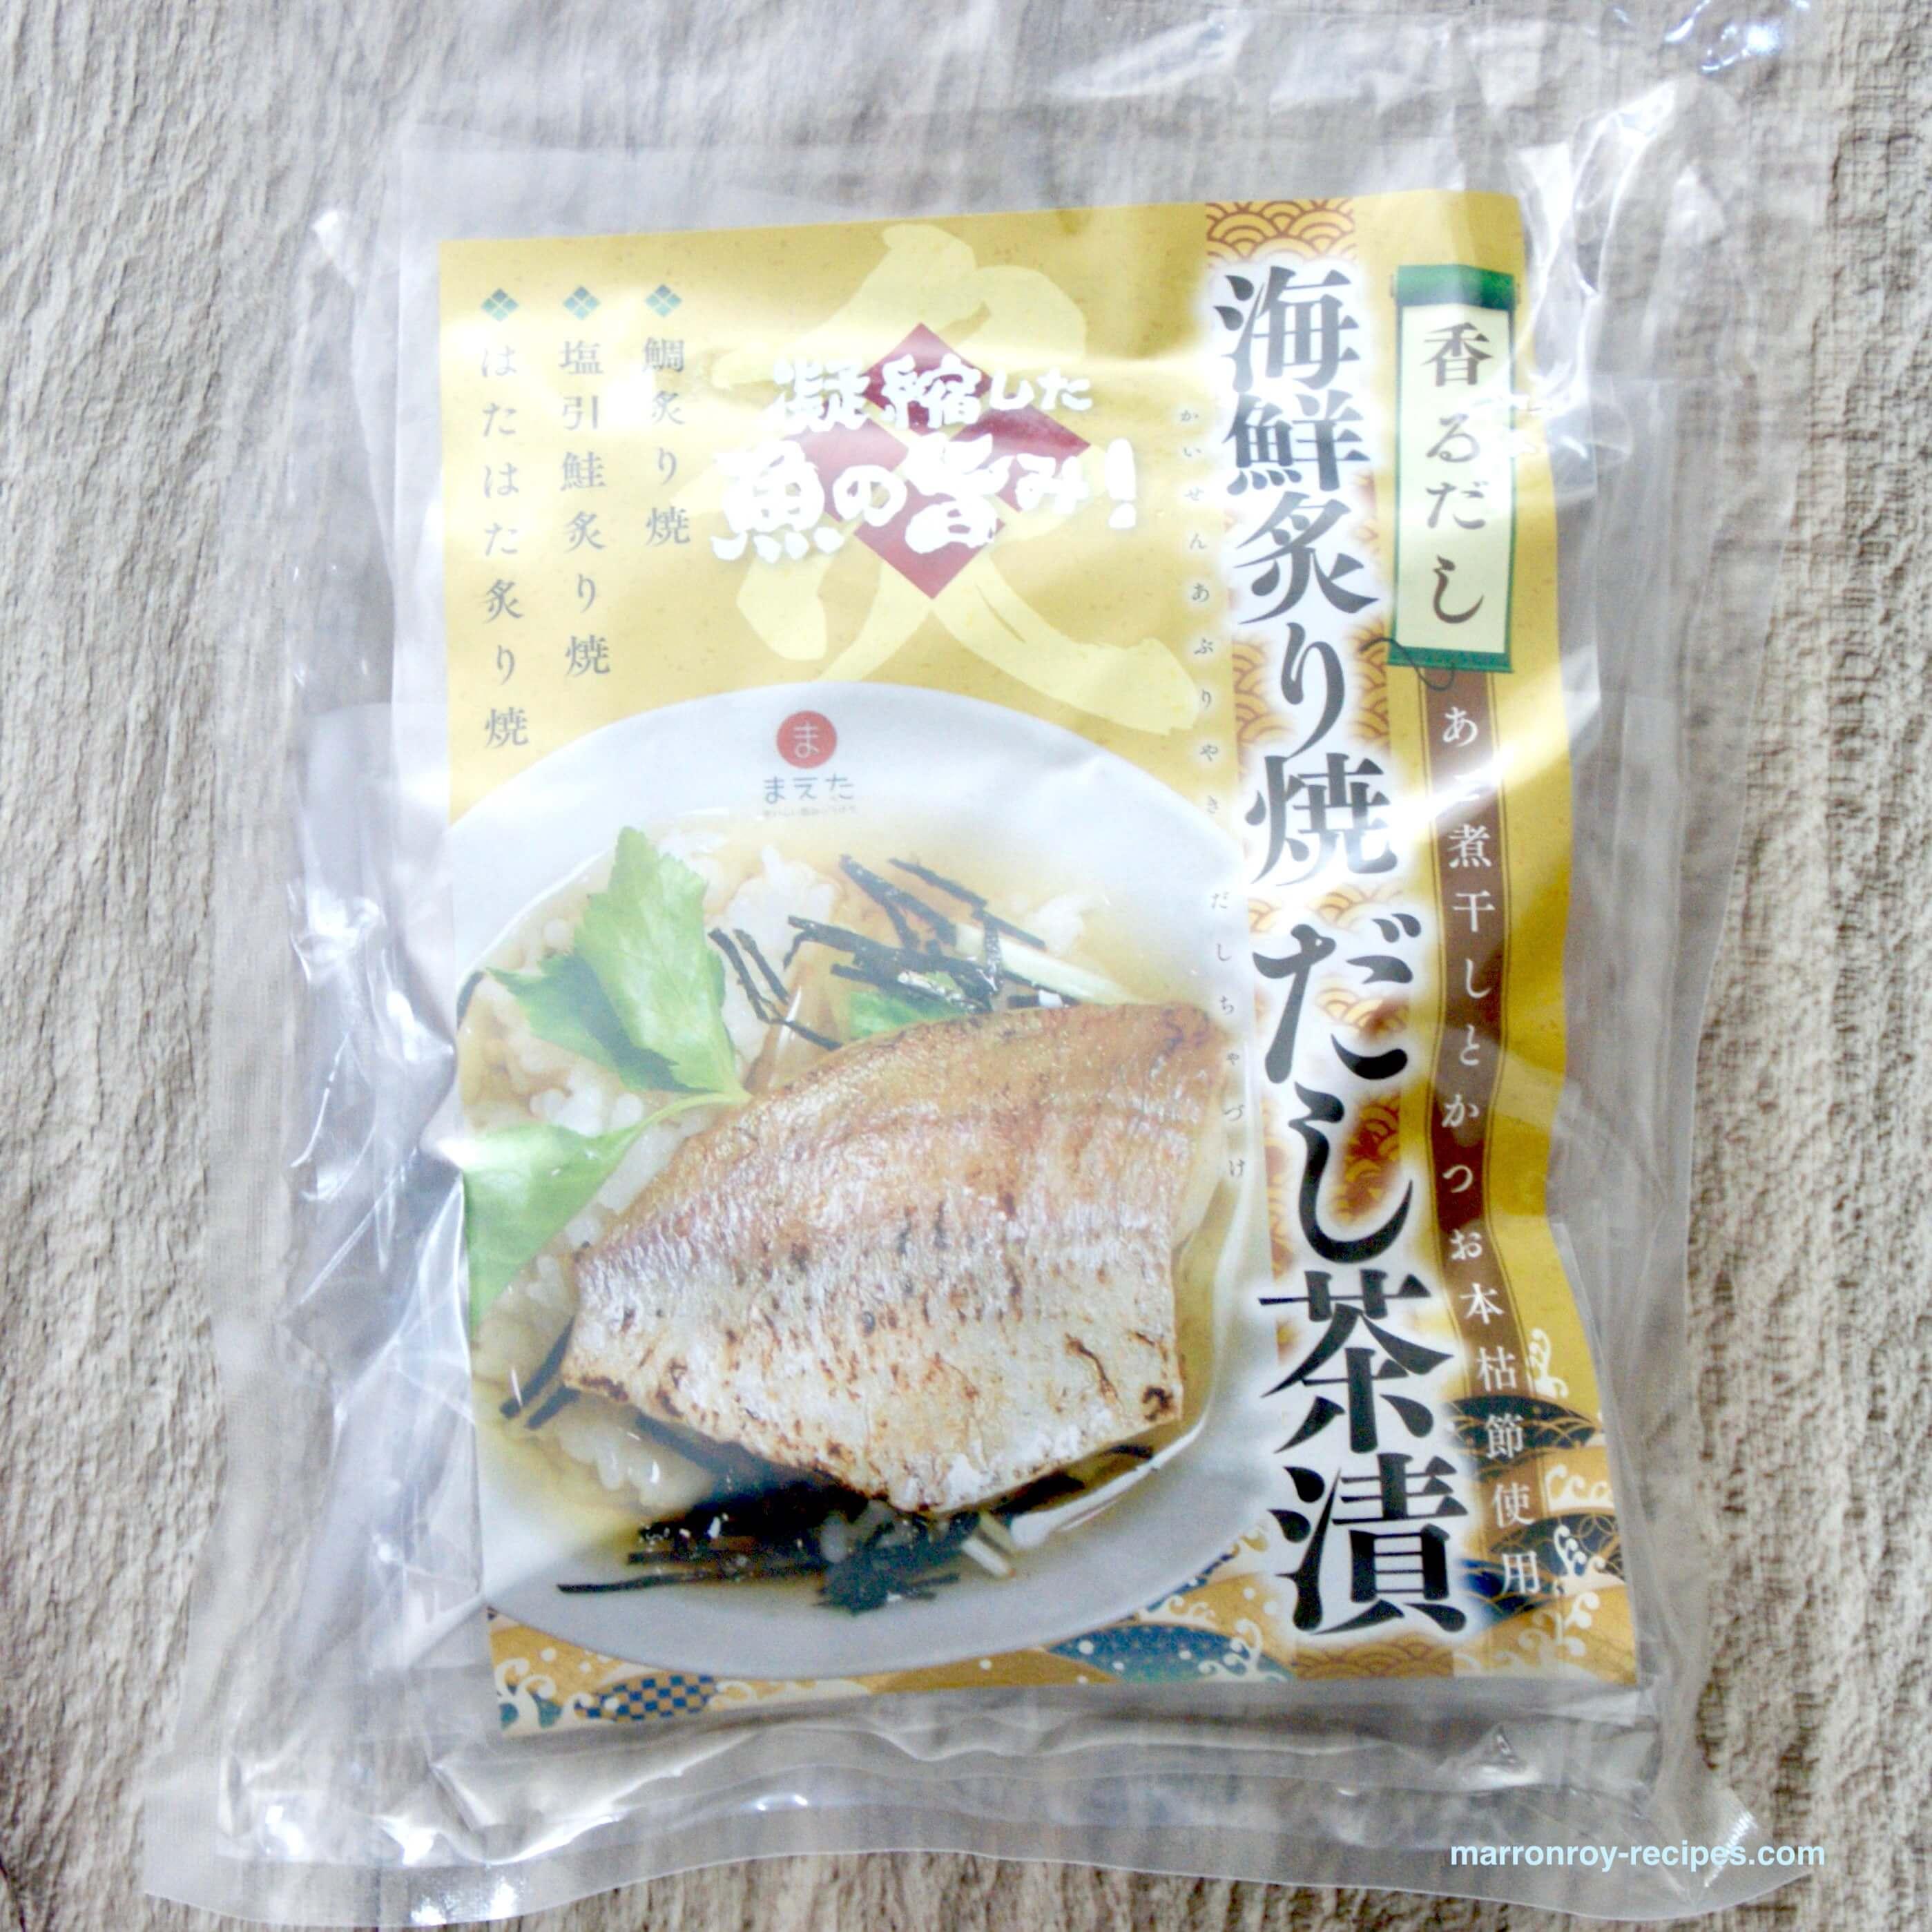 """コストコで高級茶漬けを購入!""""まえた 海鮮炙り焼 だし茶漬"""""""